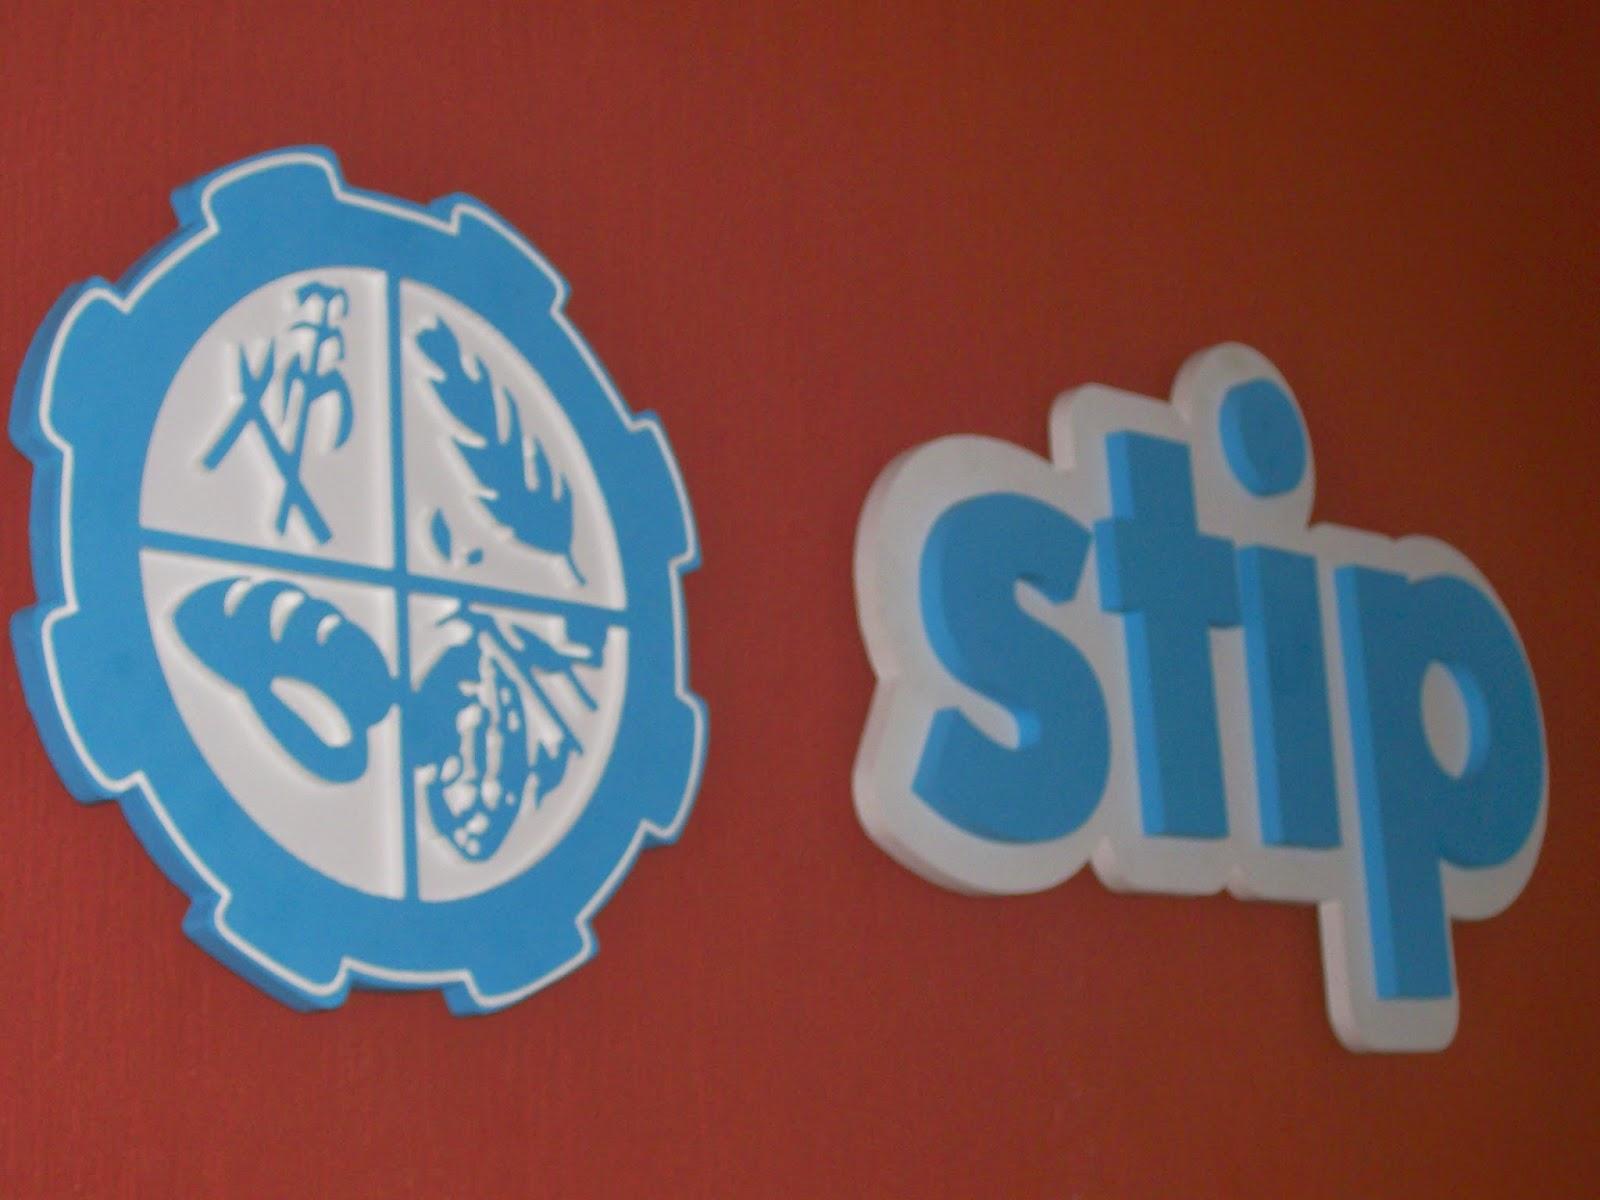 placa com o logotipo